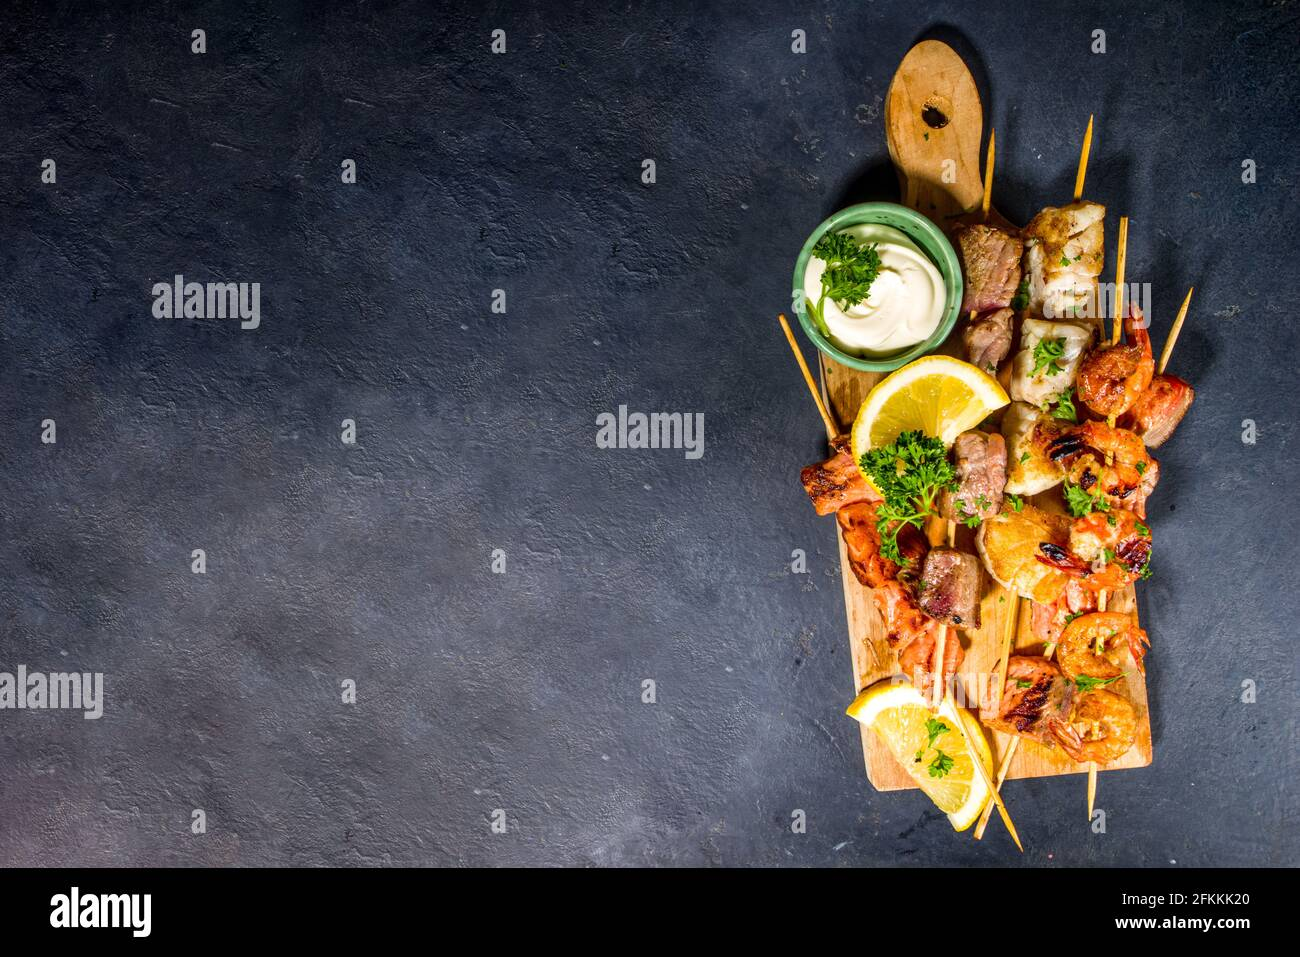 Assortiment divers barbecue cuisine méditerranéenne - poisson, crevettes, crabe, moules, kebabs avec sauces, arrière-plan en béton noir, au-dessus de l'espace de copie Banque D'Images